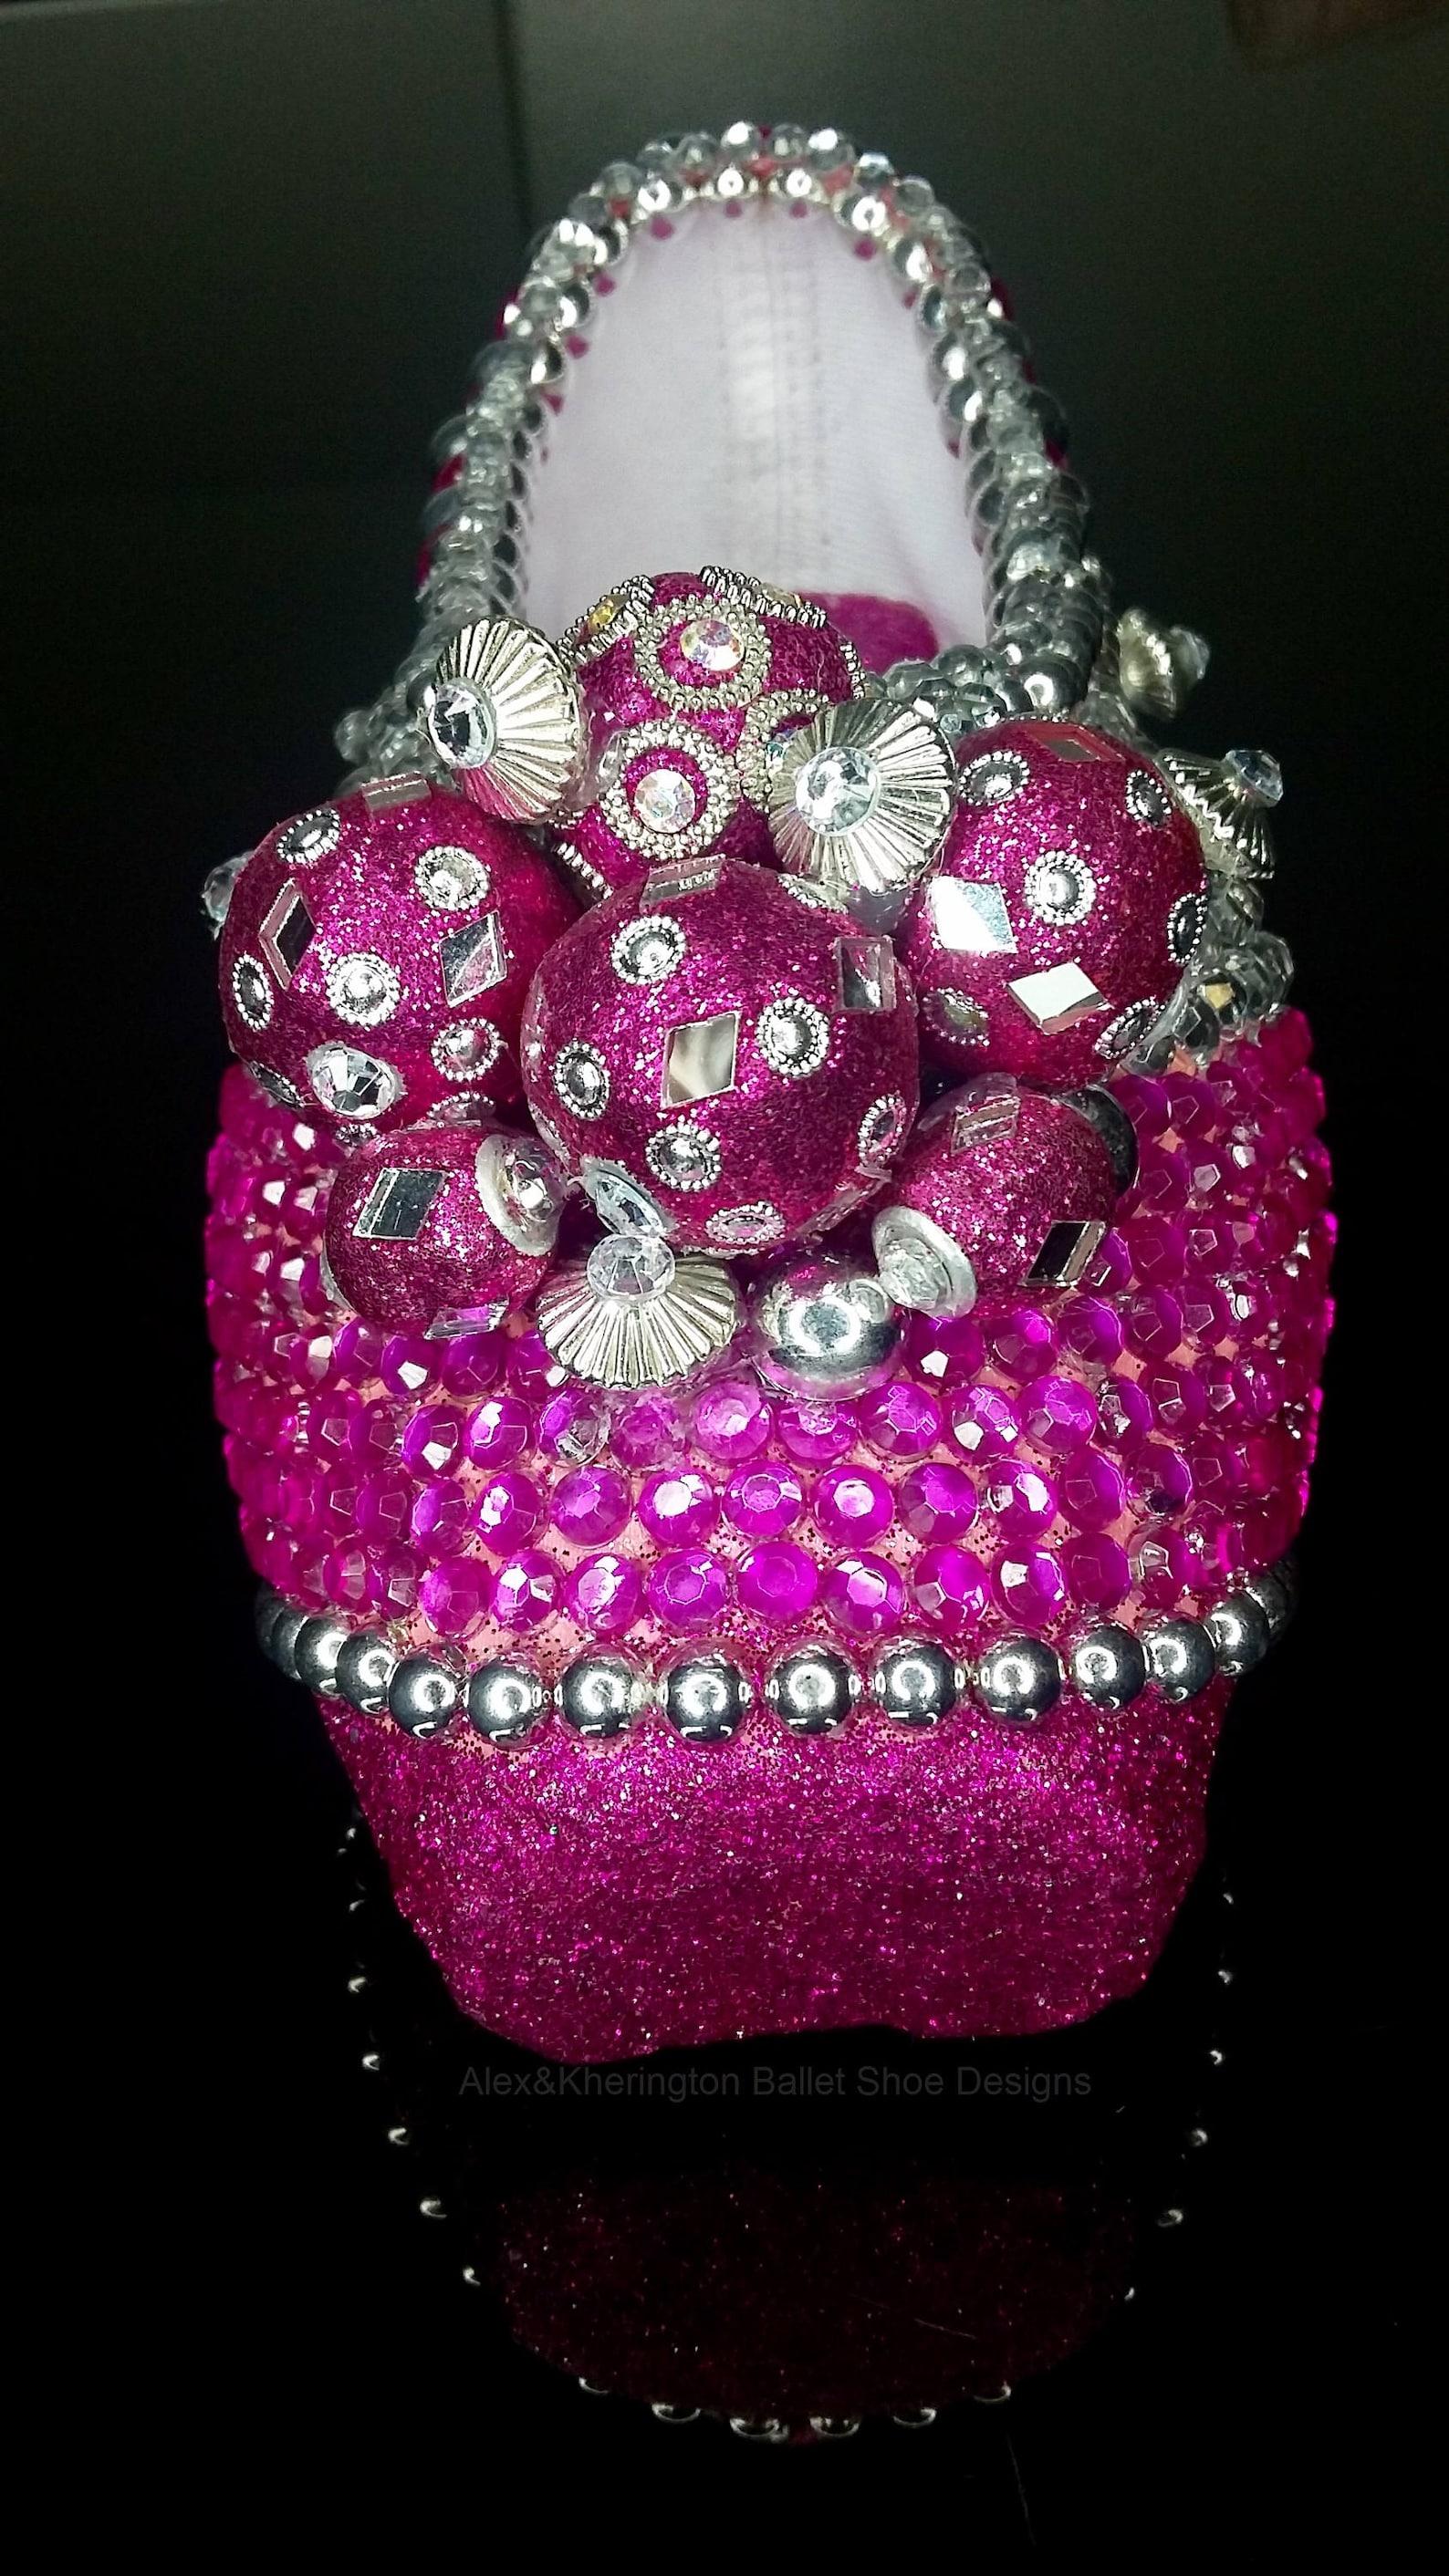 grand jeté - alex & kherington ballet shoe design, pointe shoe design, decorated pointe shoes